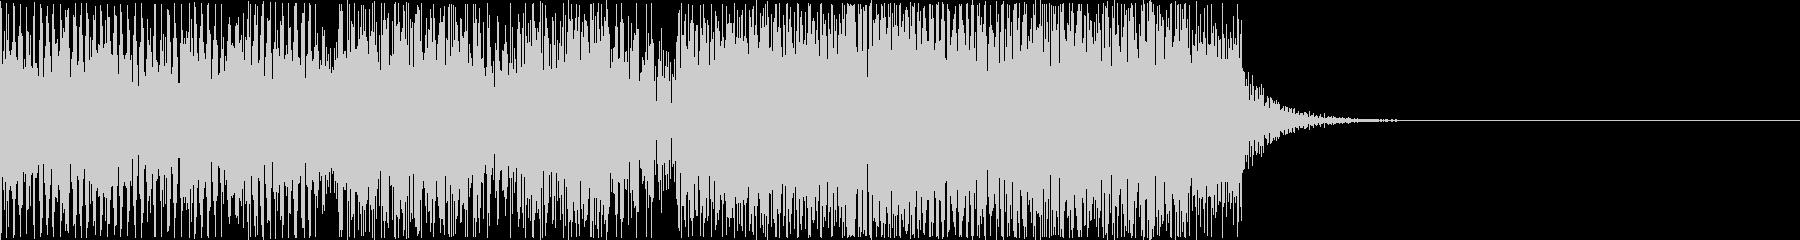 ゲームオーバー![レトロ8bit]1aの未再生の波形